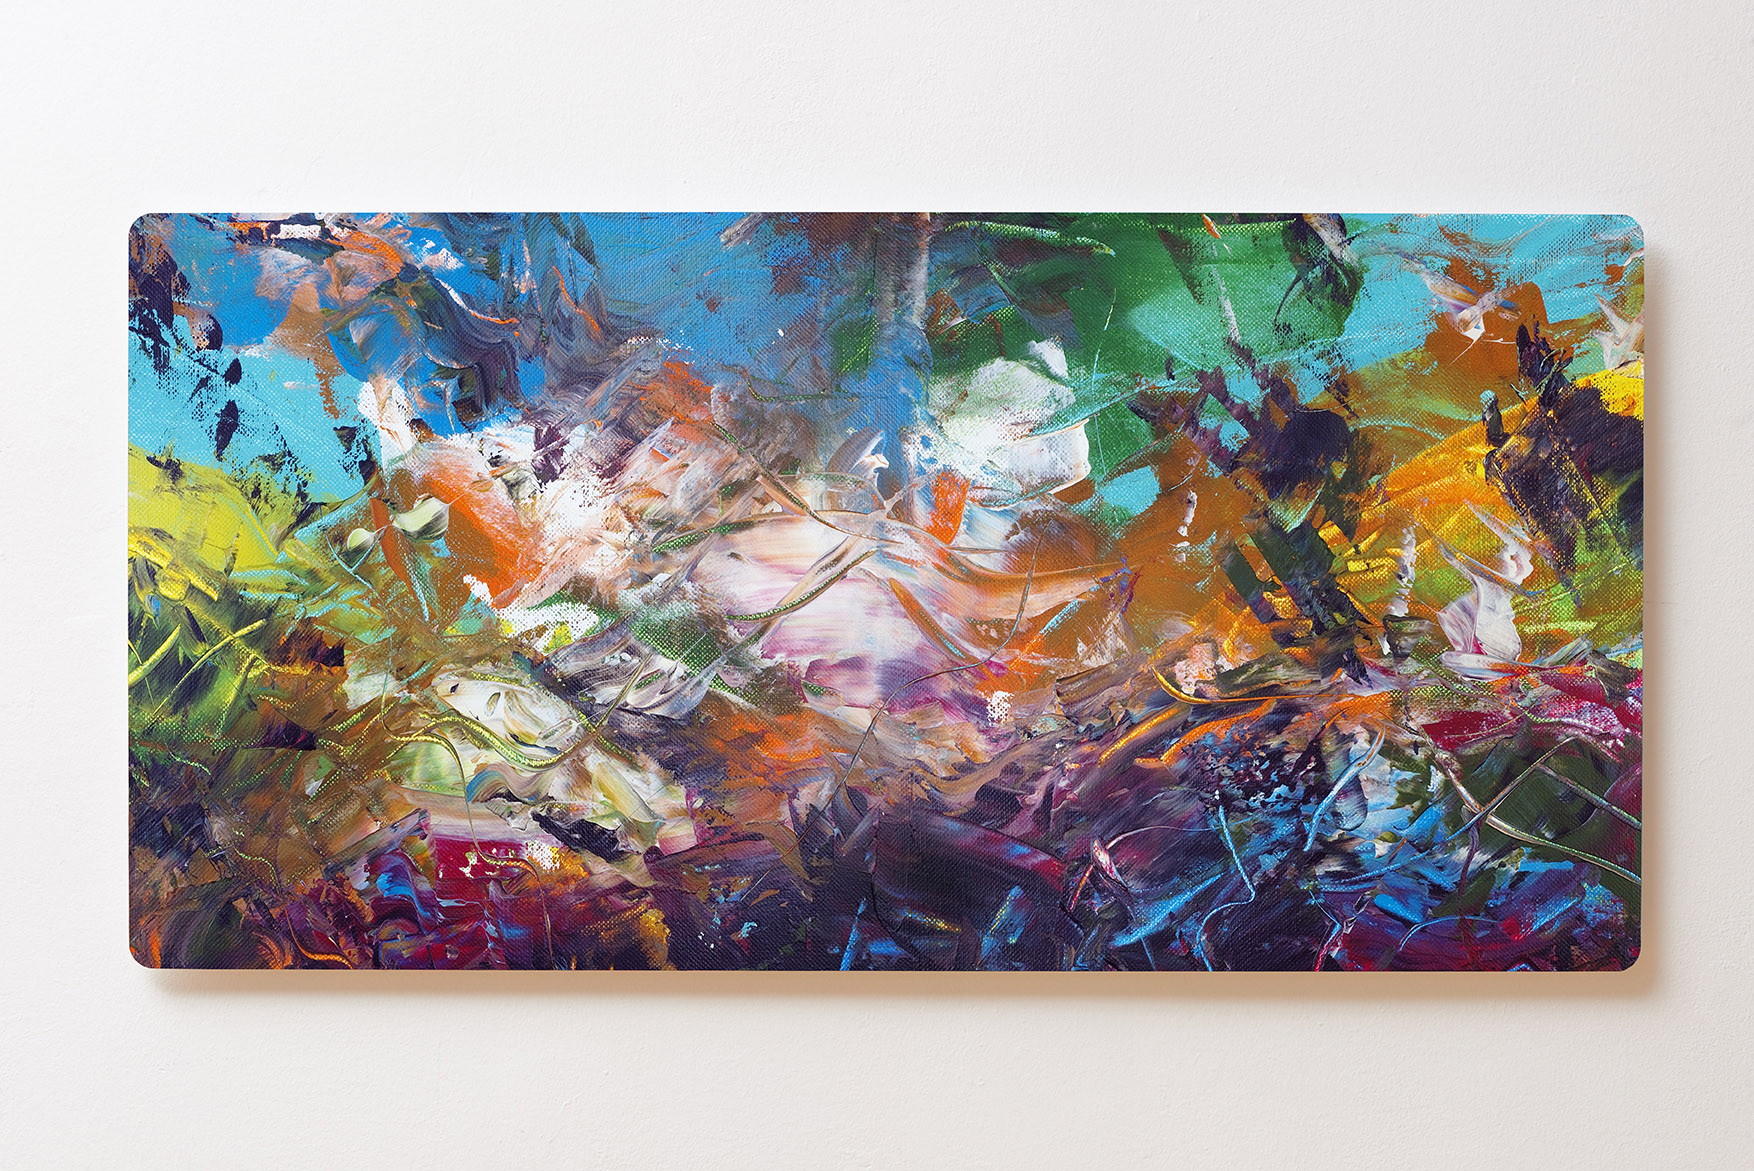 Magnettafel BACKLIGHT 120x60cm Motiv-Wandbild M110 Abstrakt Kunst